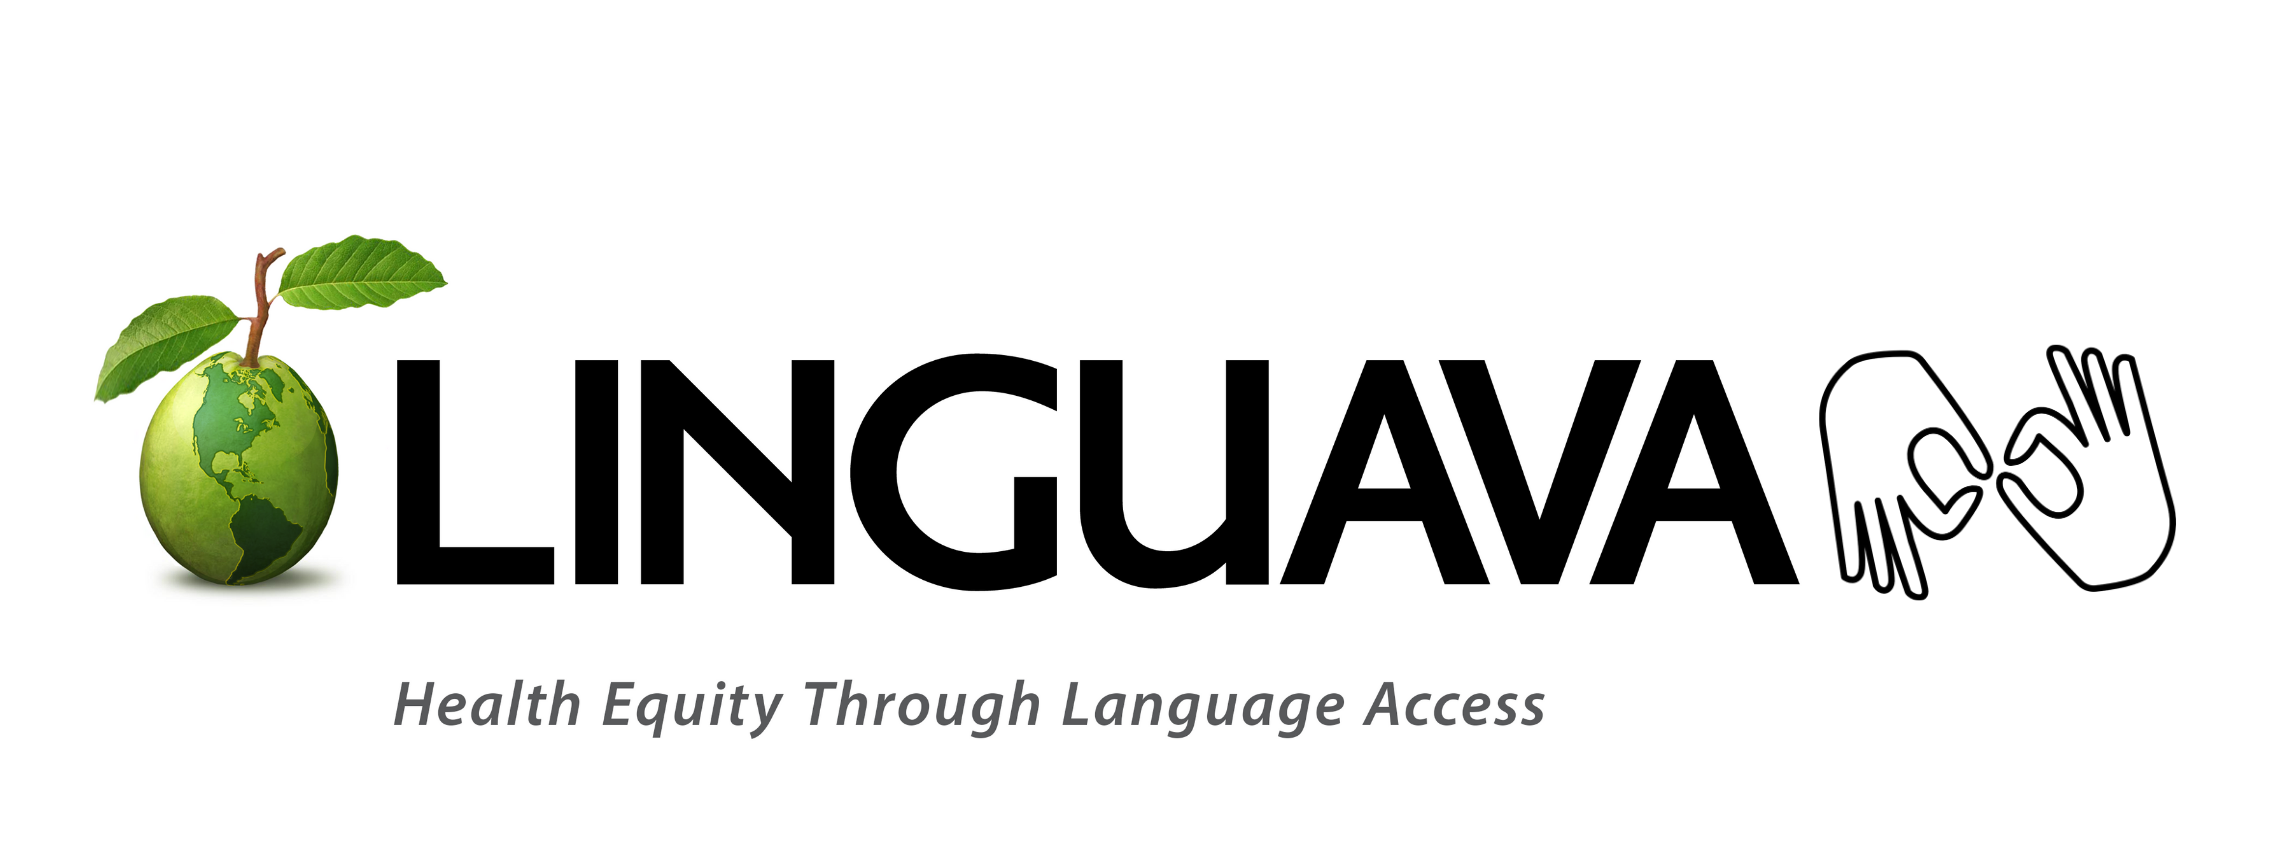 LinguavaLogoASL